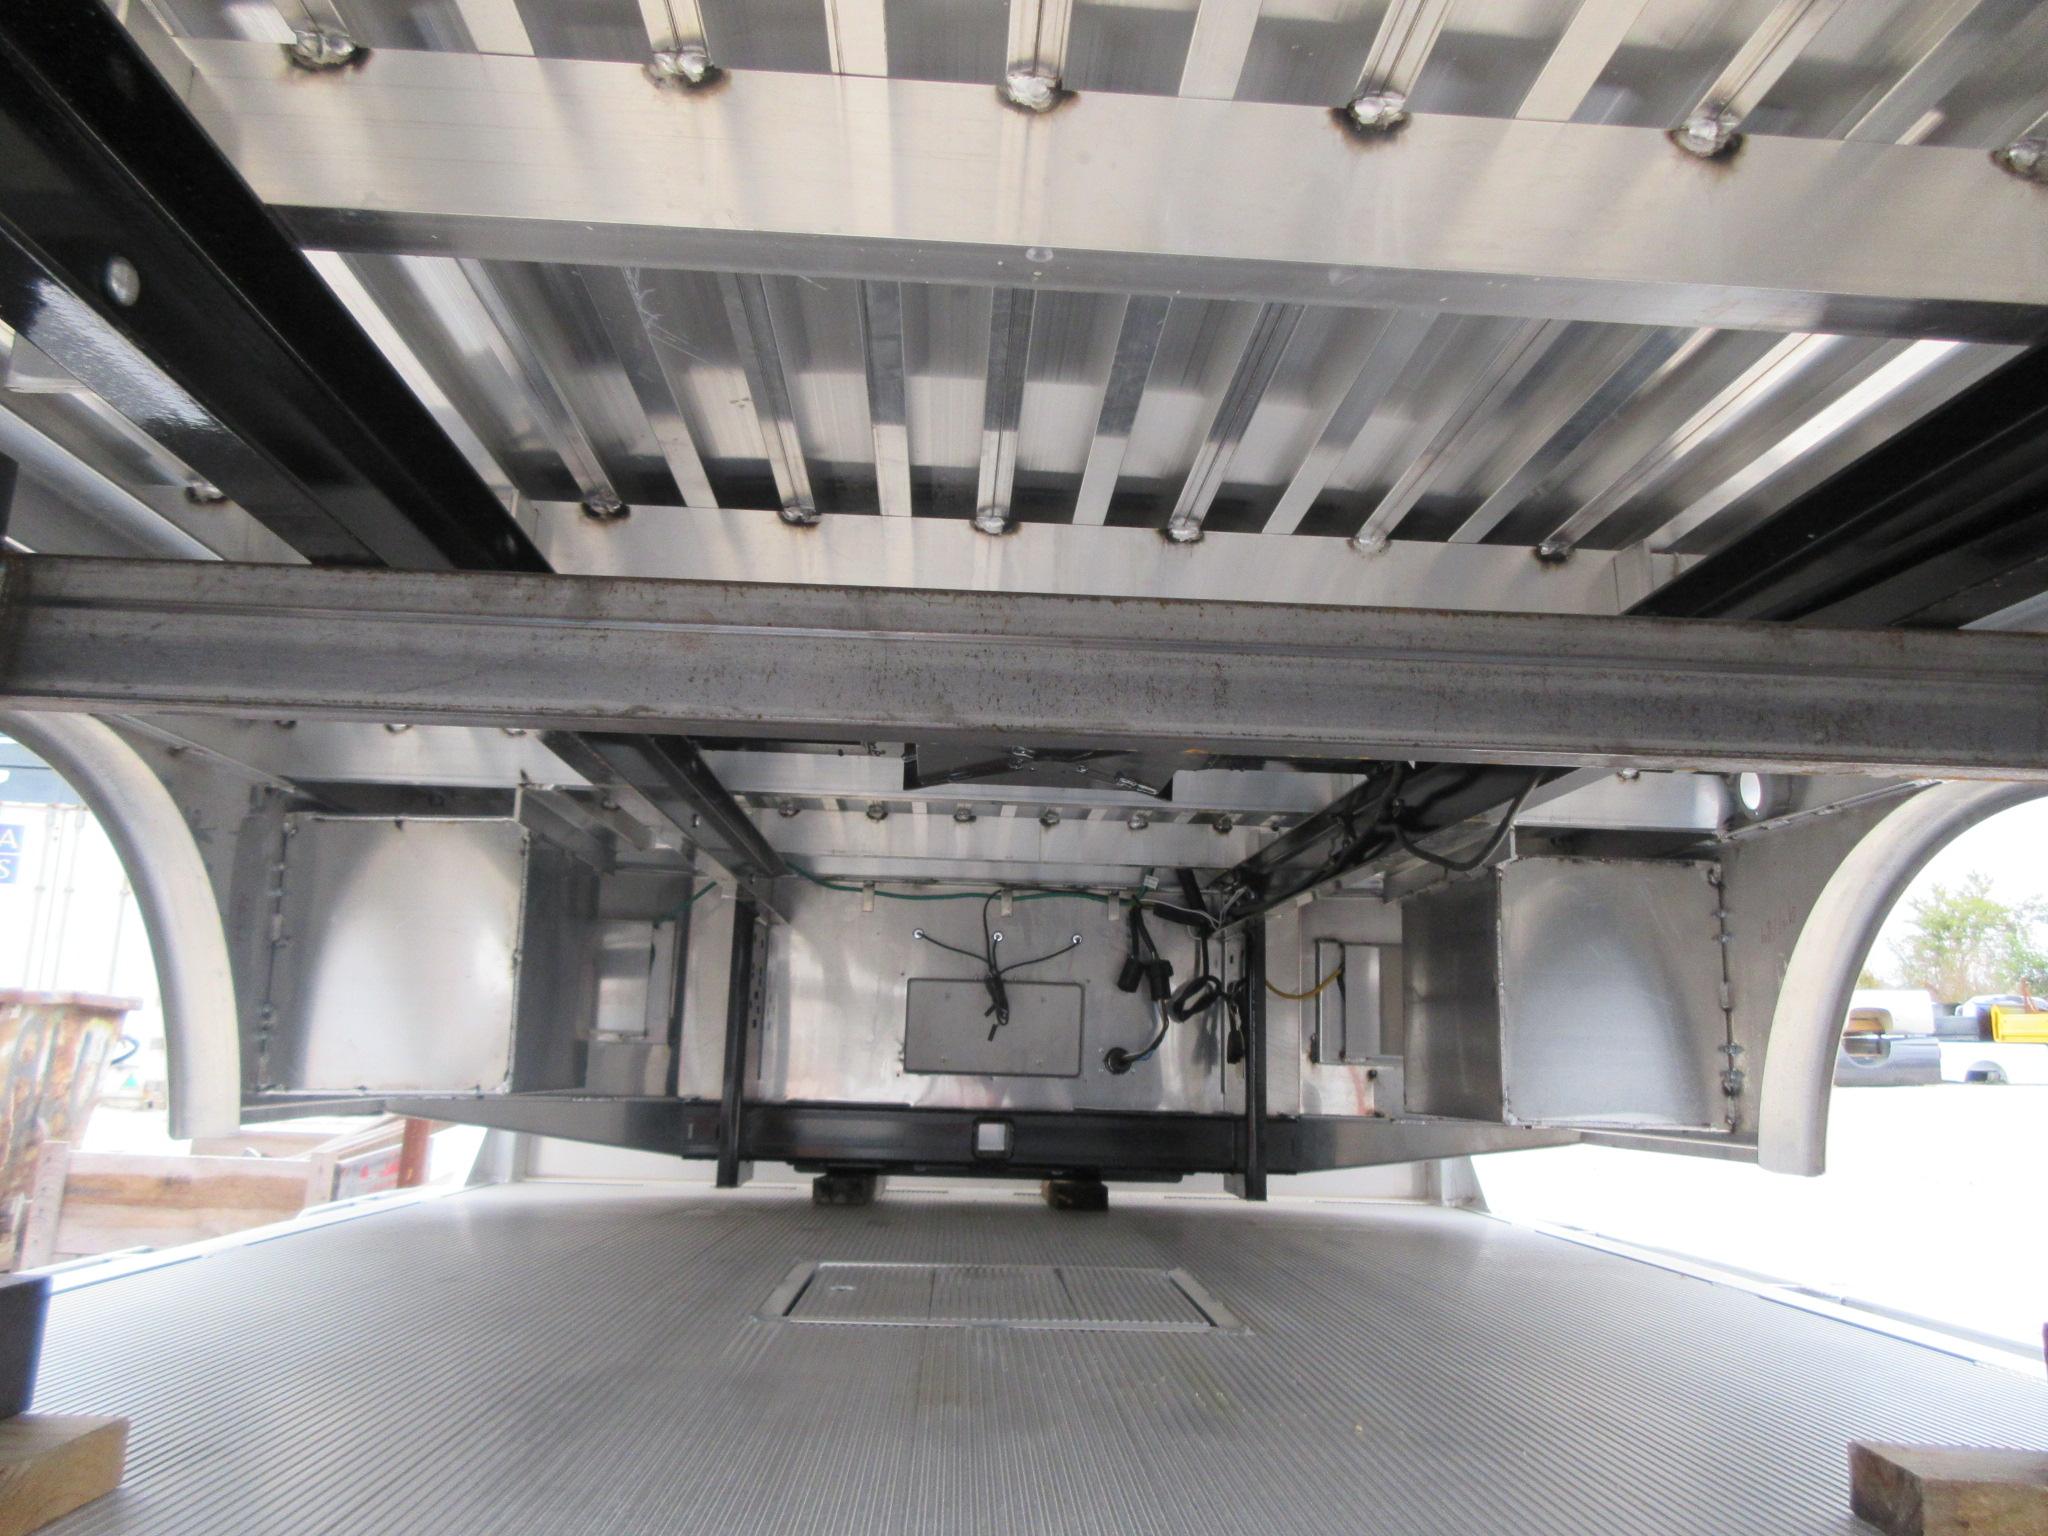 NOS CM 9.3 x 84 ALSK Flatbed Truck Bed